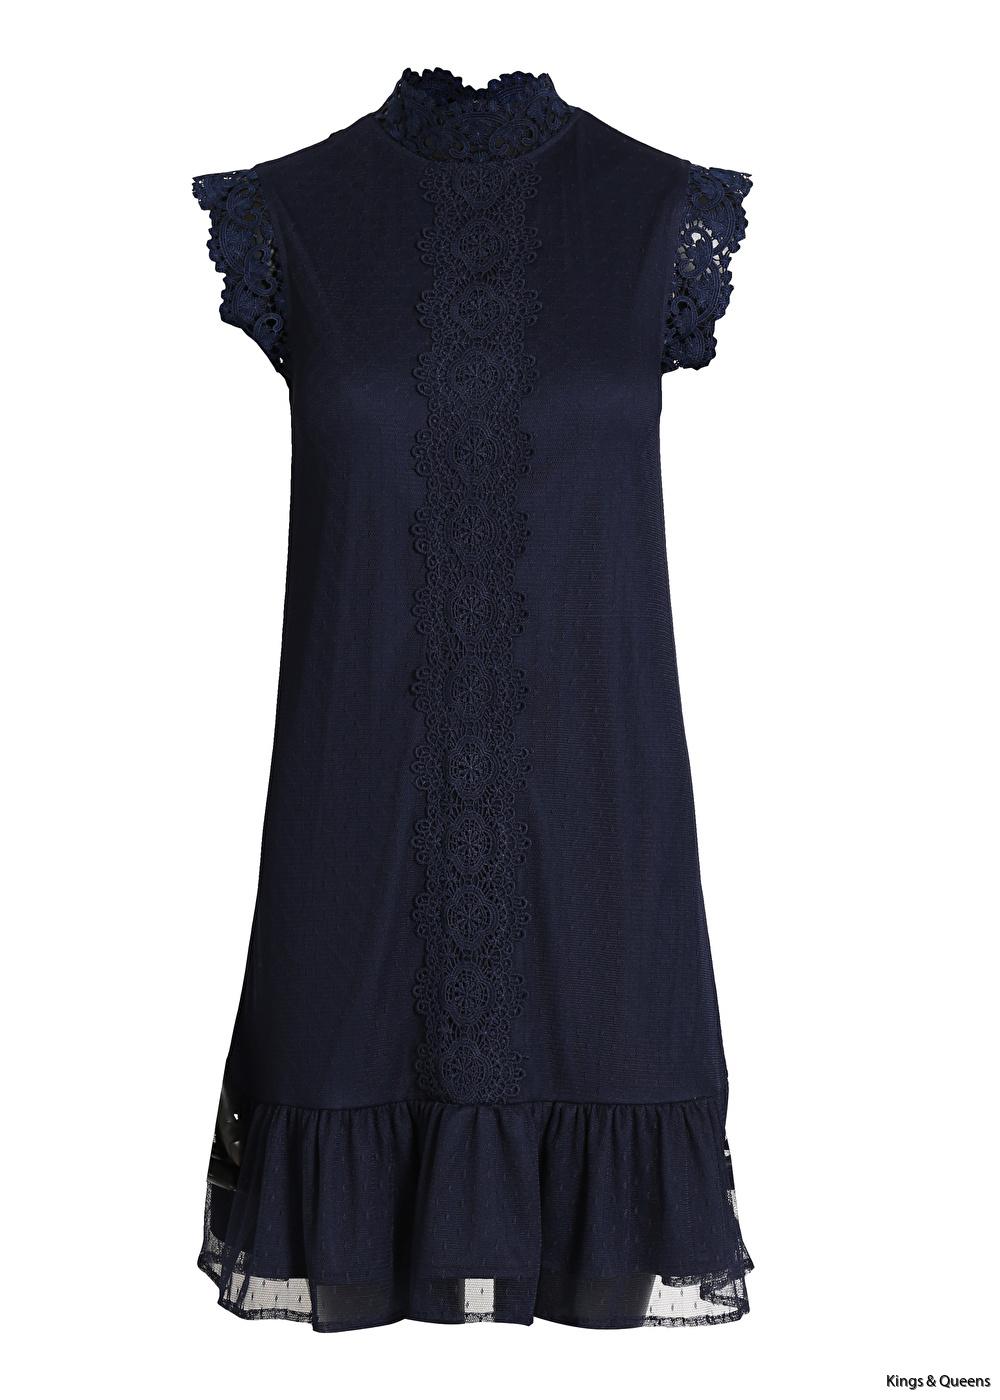 012 DL-17-07-18 HIDDEN DRESS